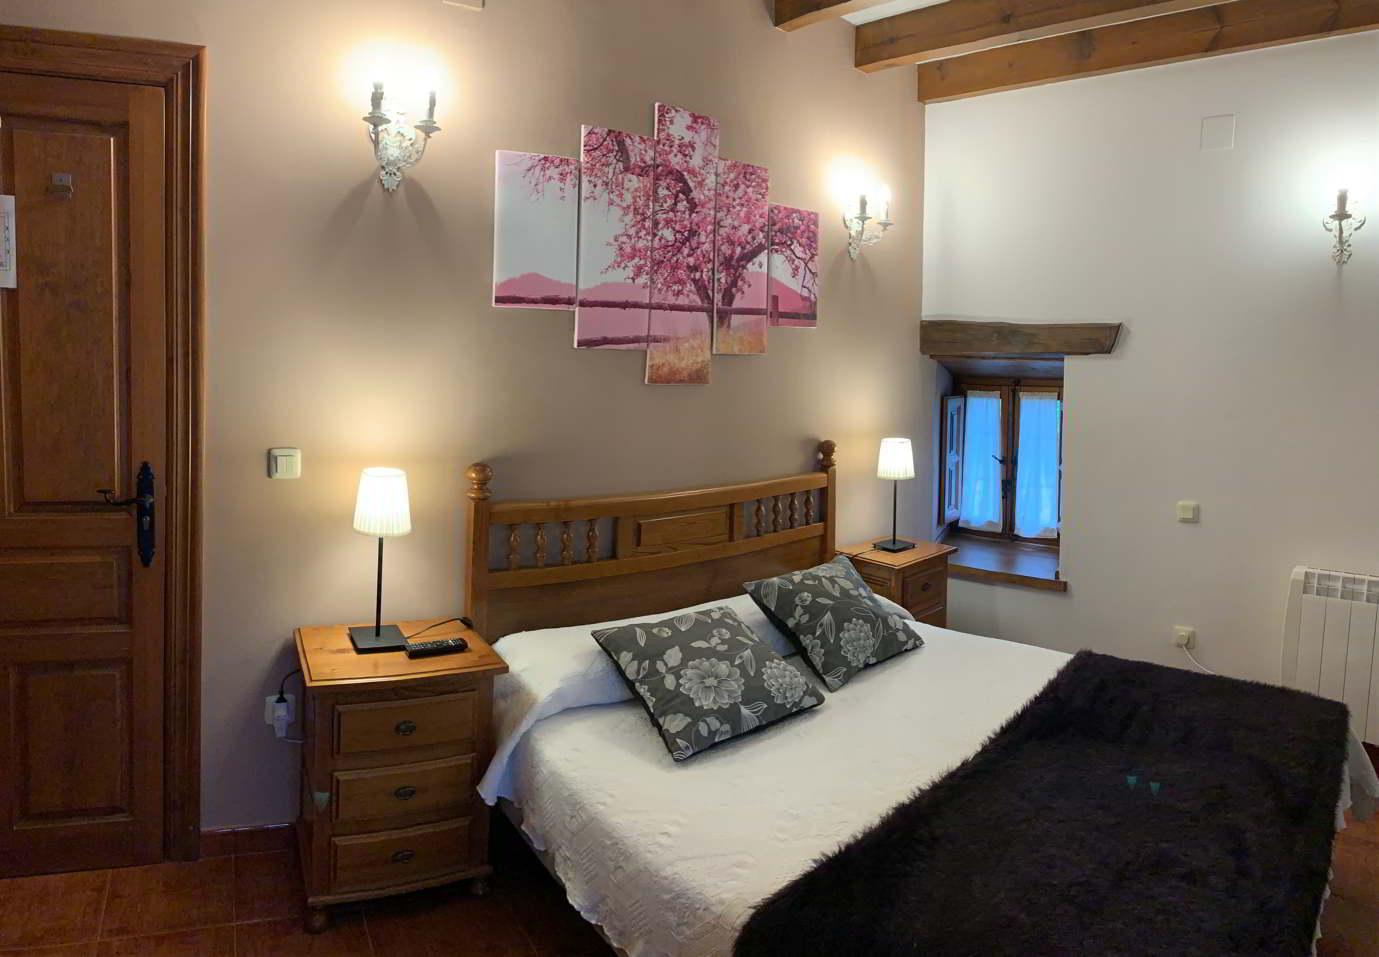 hotel_casa rural_cantabria_grupos grandes_mascotas_san vicente de la barquera_comillas_llanes (16)